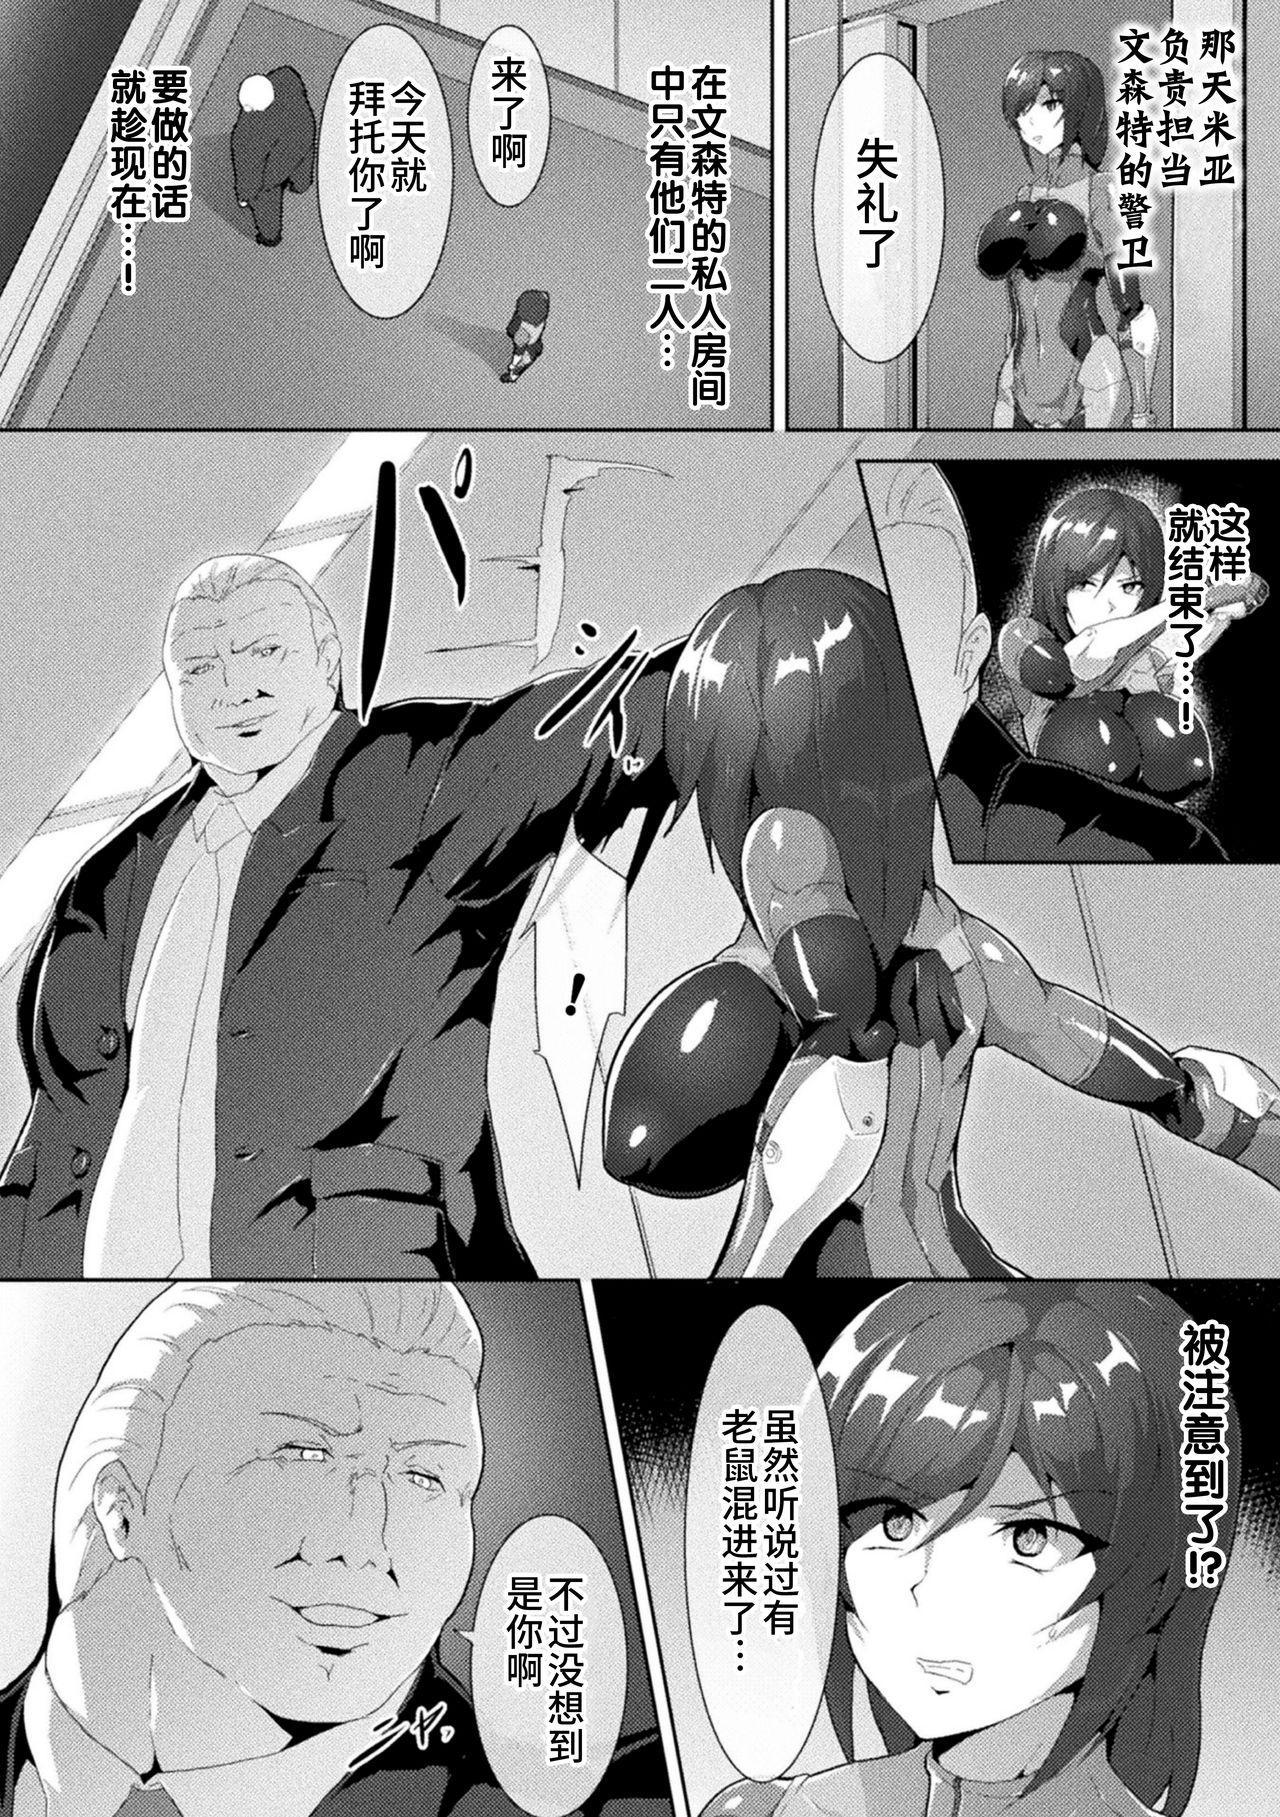 2D Comic Magazine Seigi no Heroine VS Tanetsuke Oji-san Vol. 2 42